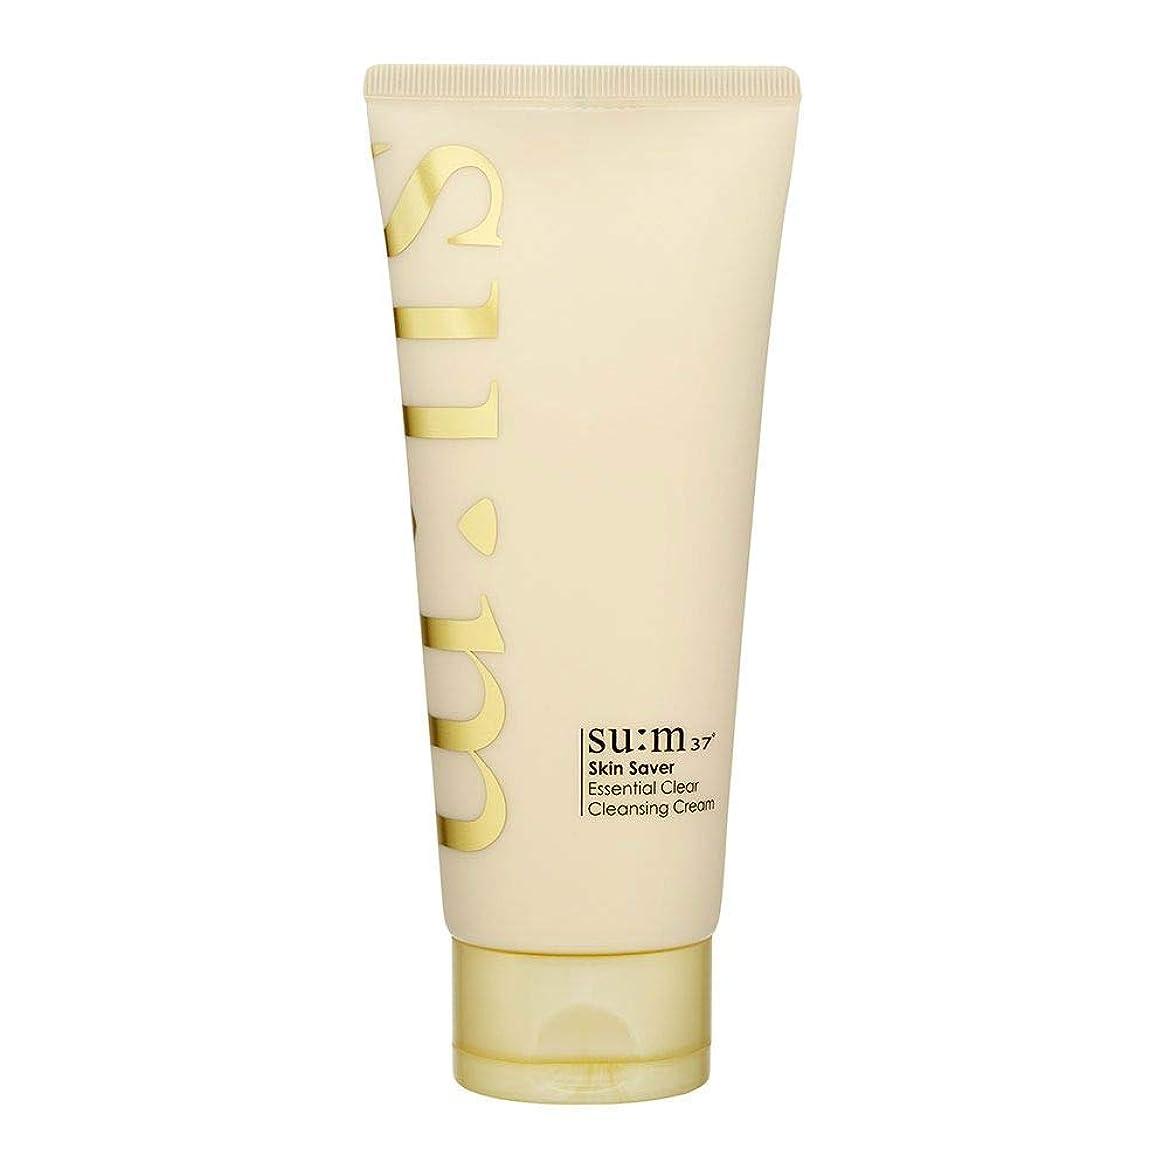 苦行デッドロック三十[スム37°] Sum37° スキンセイバー エッセンシャルクリアクレンジングクリーム ?Skin saver Essential Clear Cleansing Cream (海外直送品) [並行輸入品]